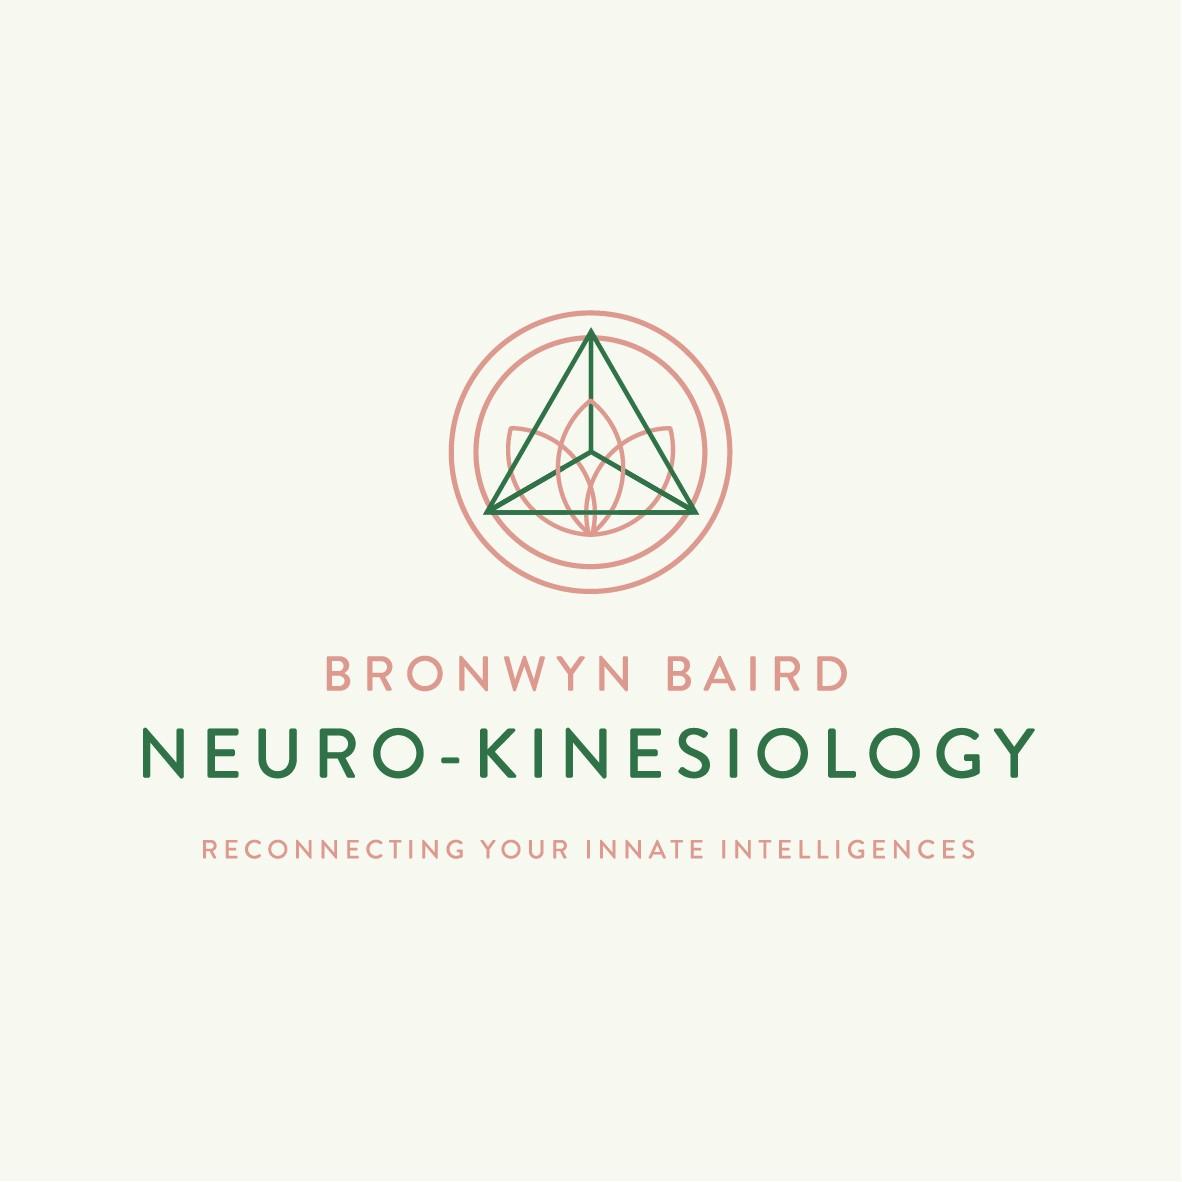 Bronwyn Baird - Neuro-Kinesiology